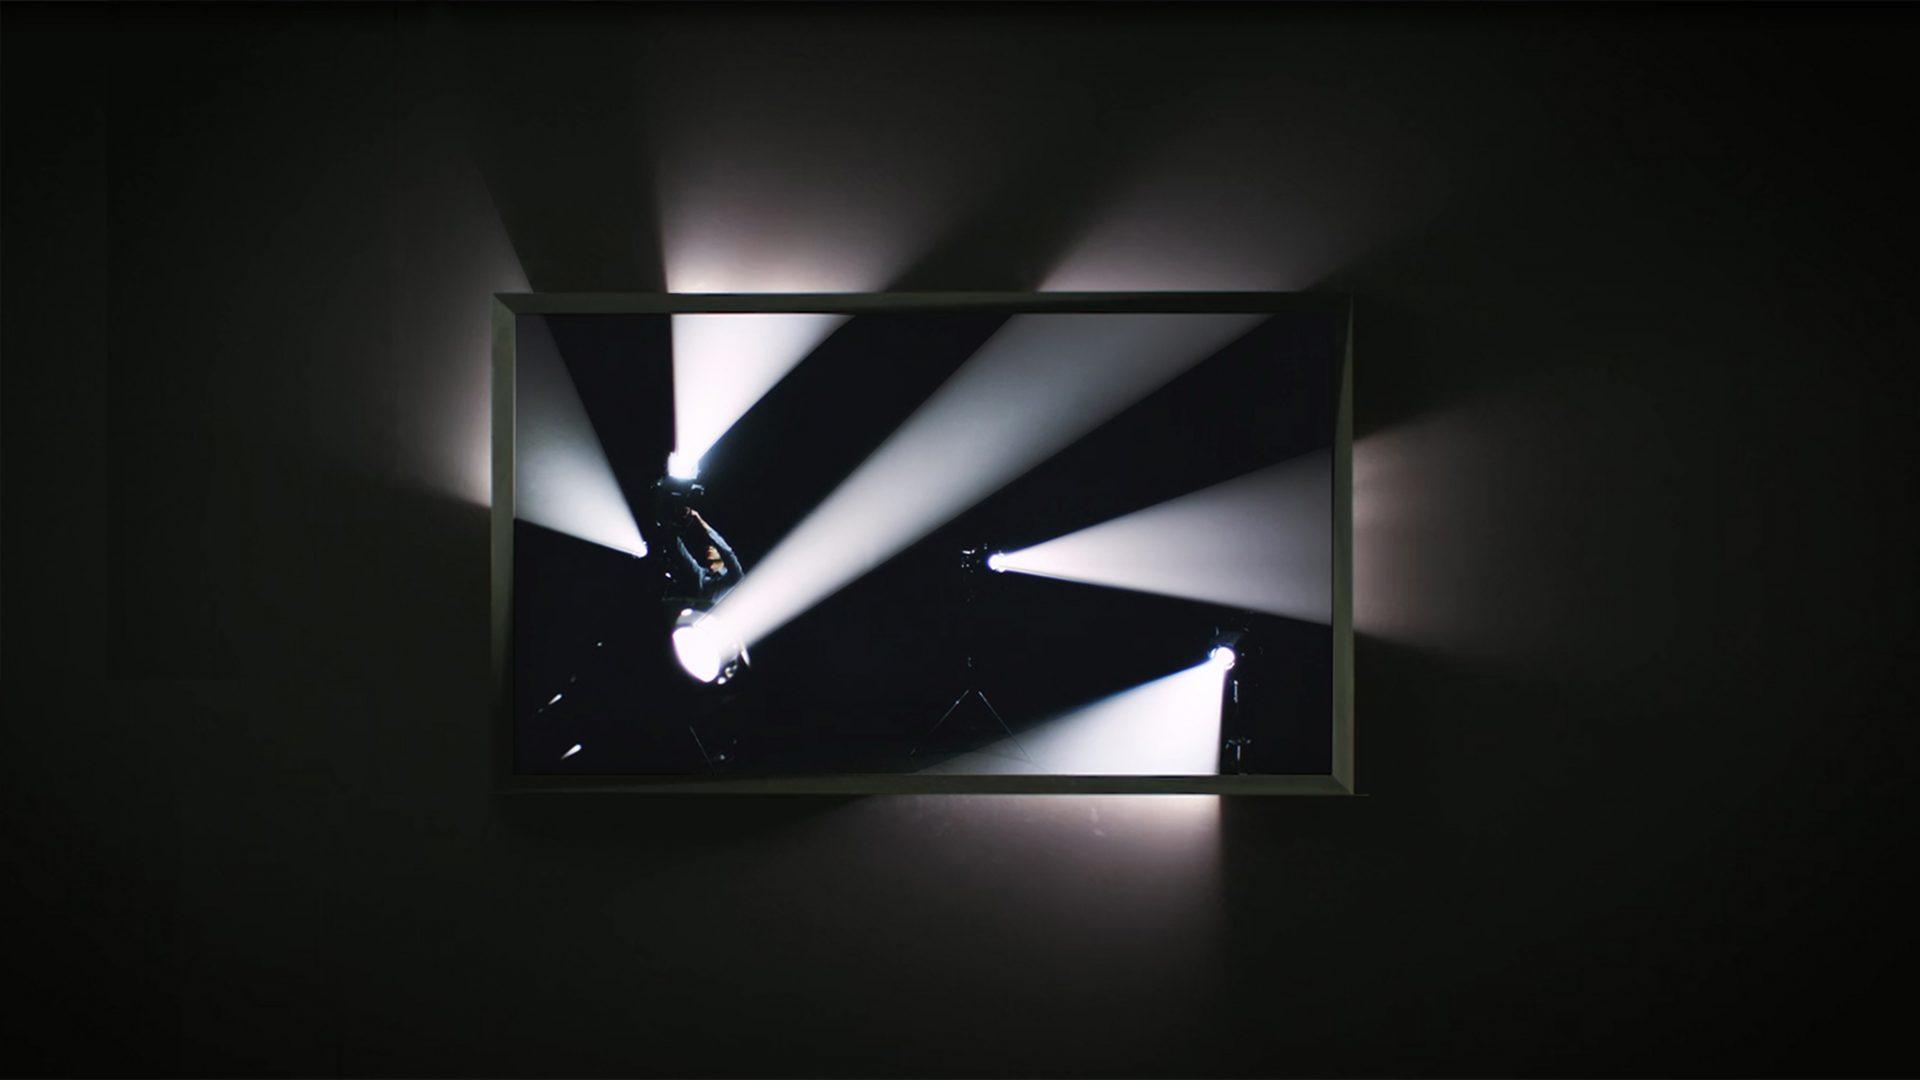 L'image éclaire - Écran faisceaux - Exposition Panorama 17, Le Fresnoy - 2015 / Credits : RF Studio